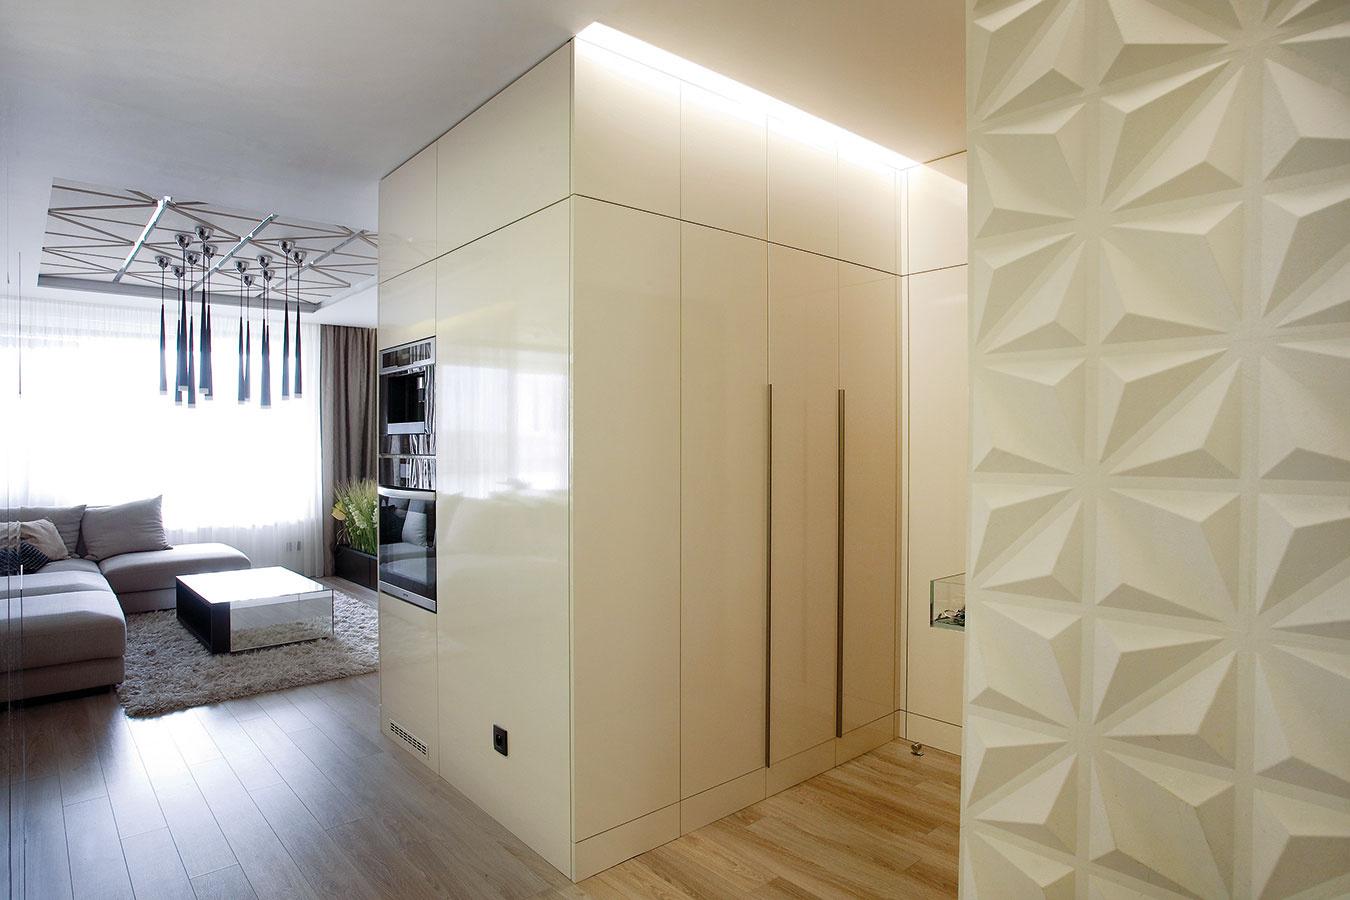 Predsieň je oddelená od obývacej izby len blokom nábytku, vďaka čomu návštevníci nevstúpia do stiesnenej atmavej miestnosti, ale sú plynulo pozývaní do dennej časti.